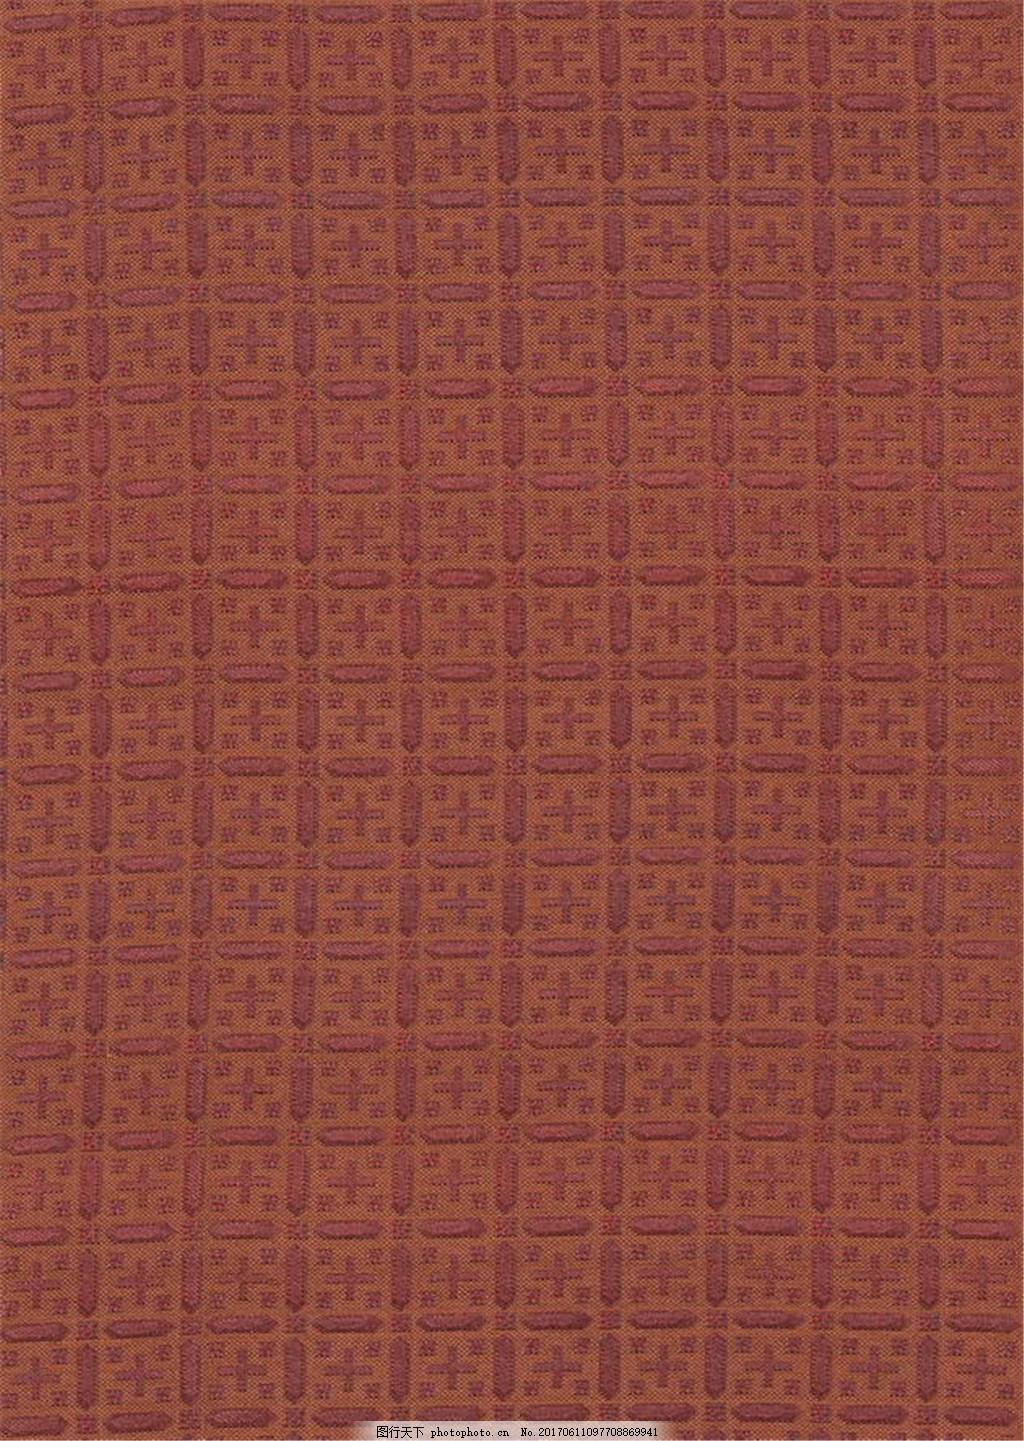 中国风深红色格子壁纸图 中式花纹背景 壁纸素材 无缝壁纸素材 欧式